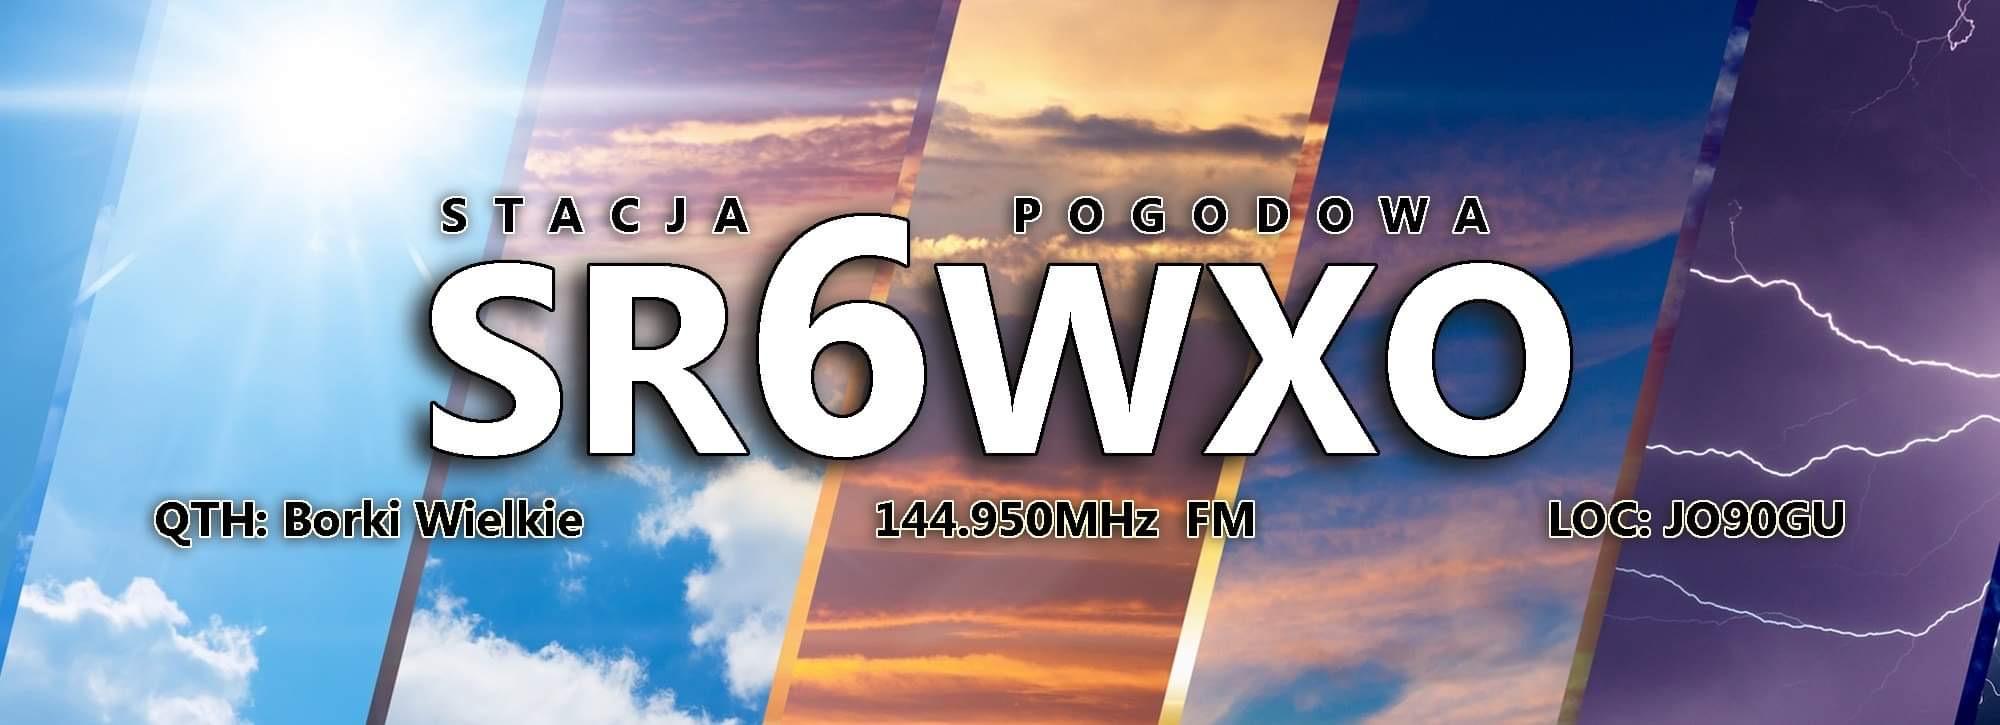 Stacja Pogodowa SR6WXO